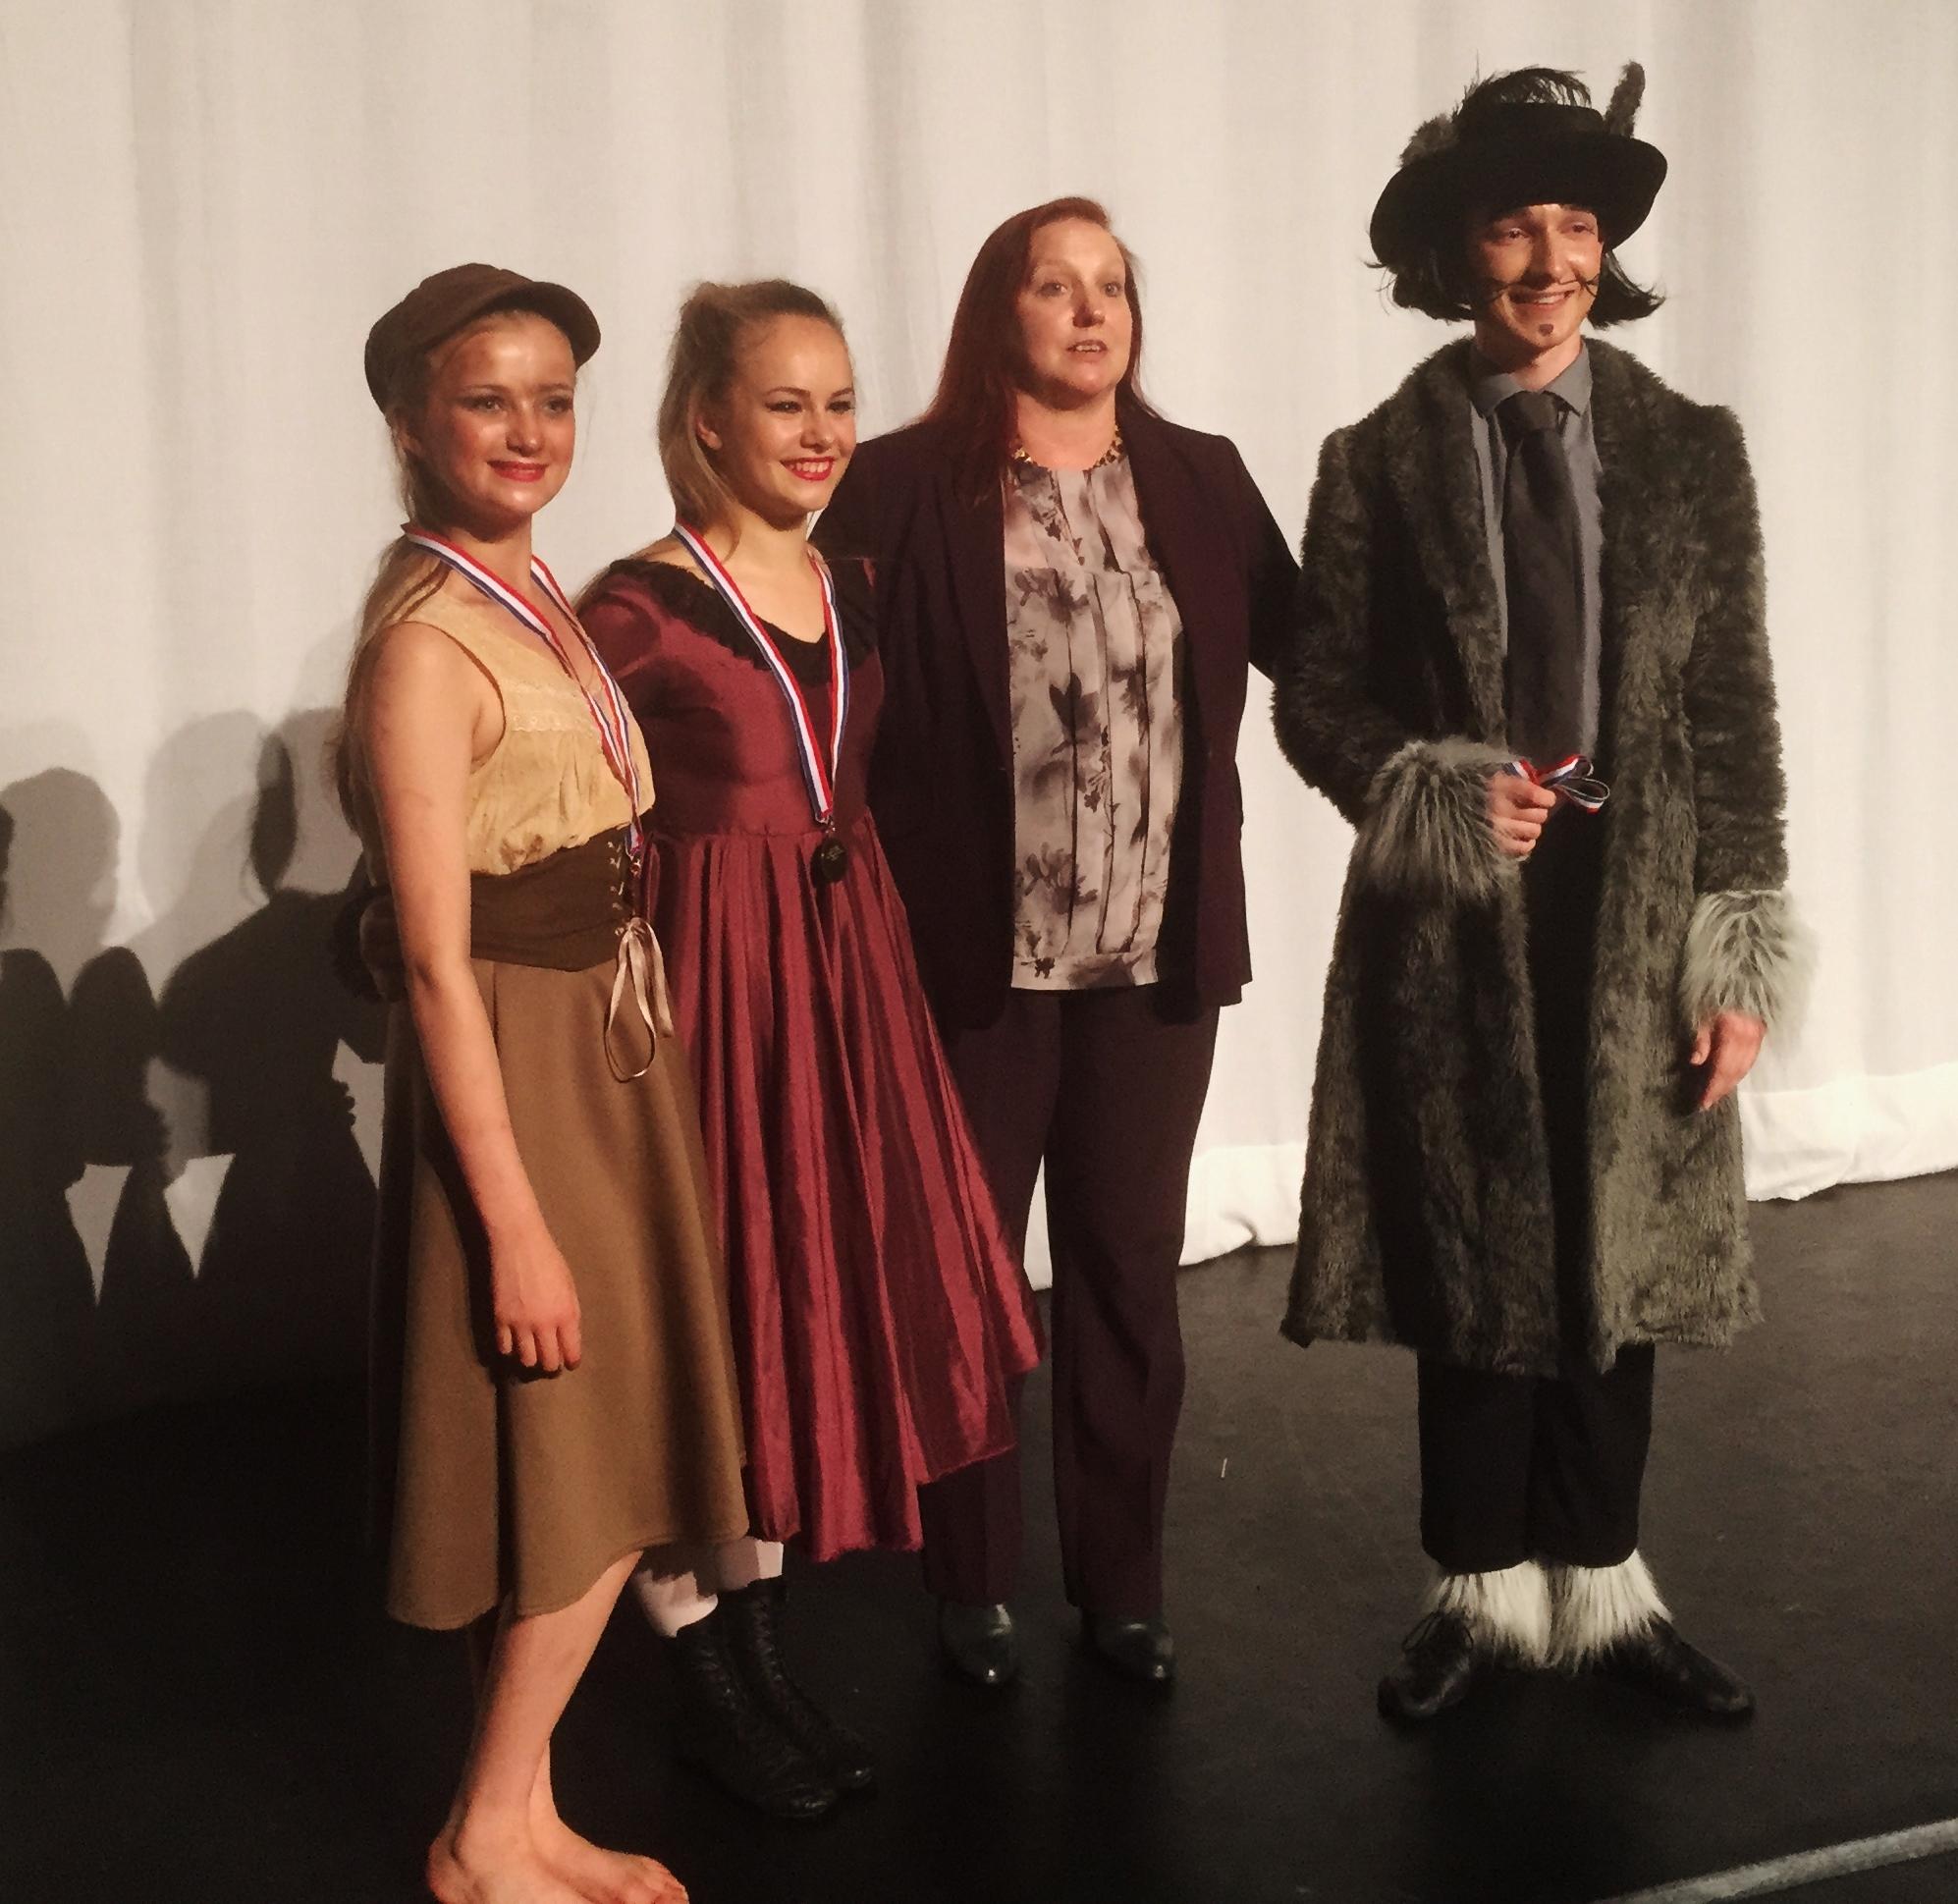 Senior Song and Dance Champions Emily Gardiner (centre) Winner, Thomas Matthews (right) Runner Up